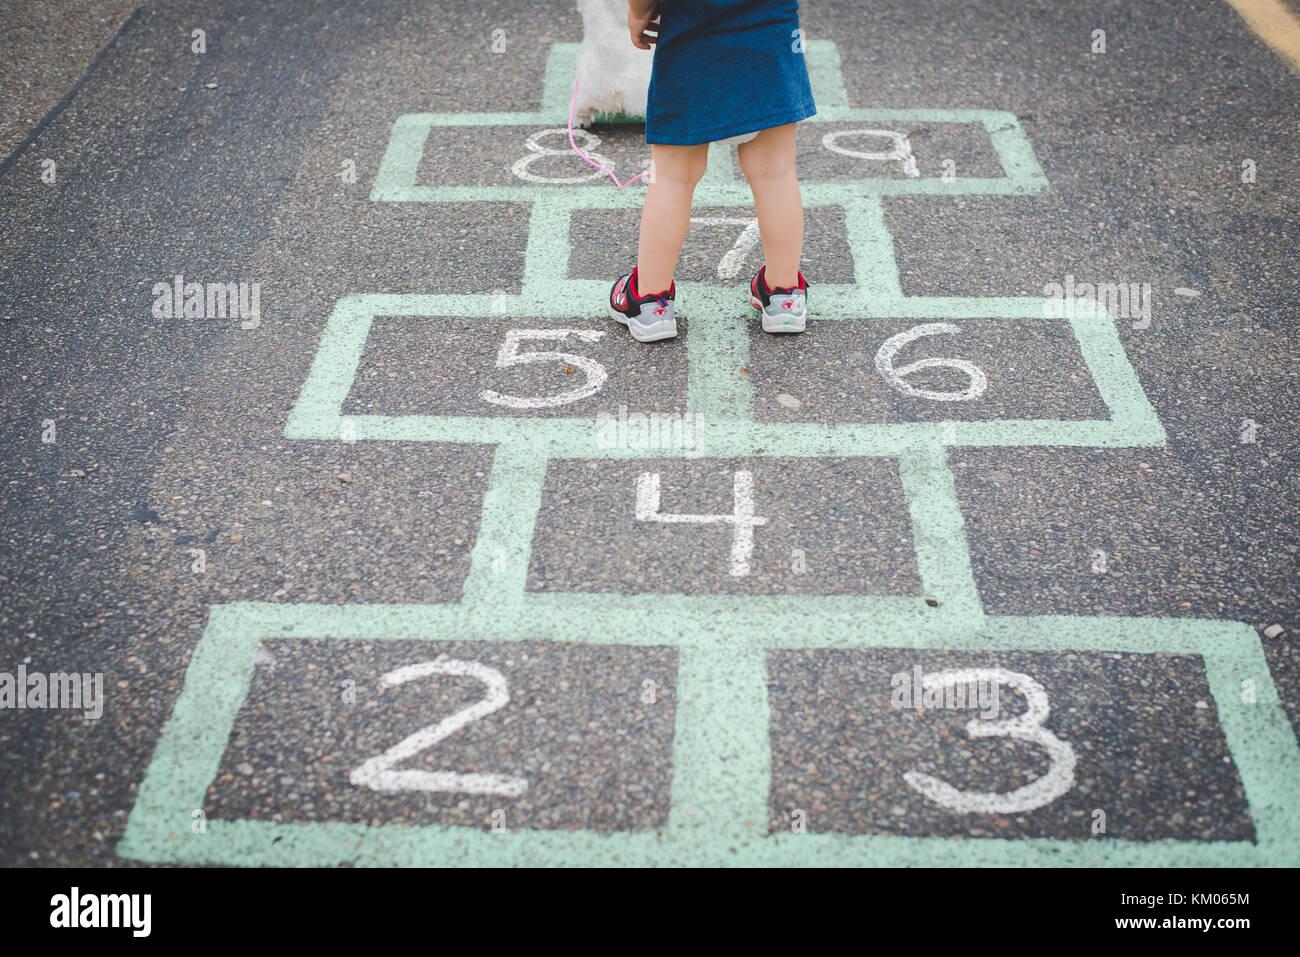 Un enfant se tient sur une marelle, jeu de l'enfant, dans un terrain de stationnement. Photo Stock